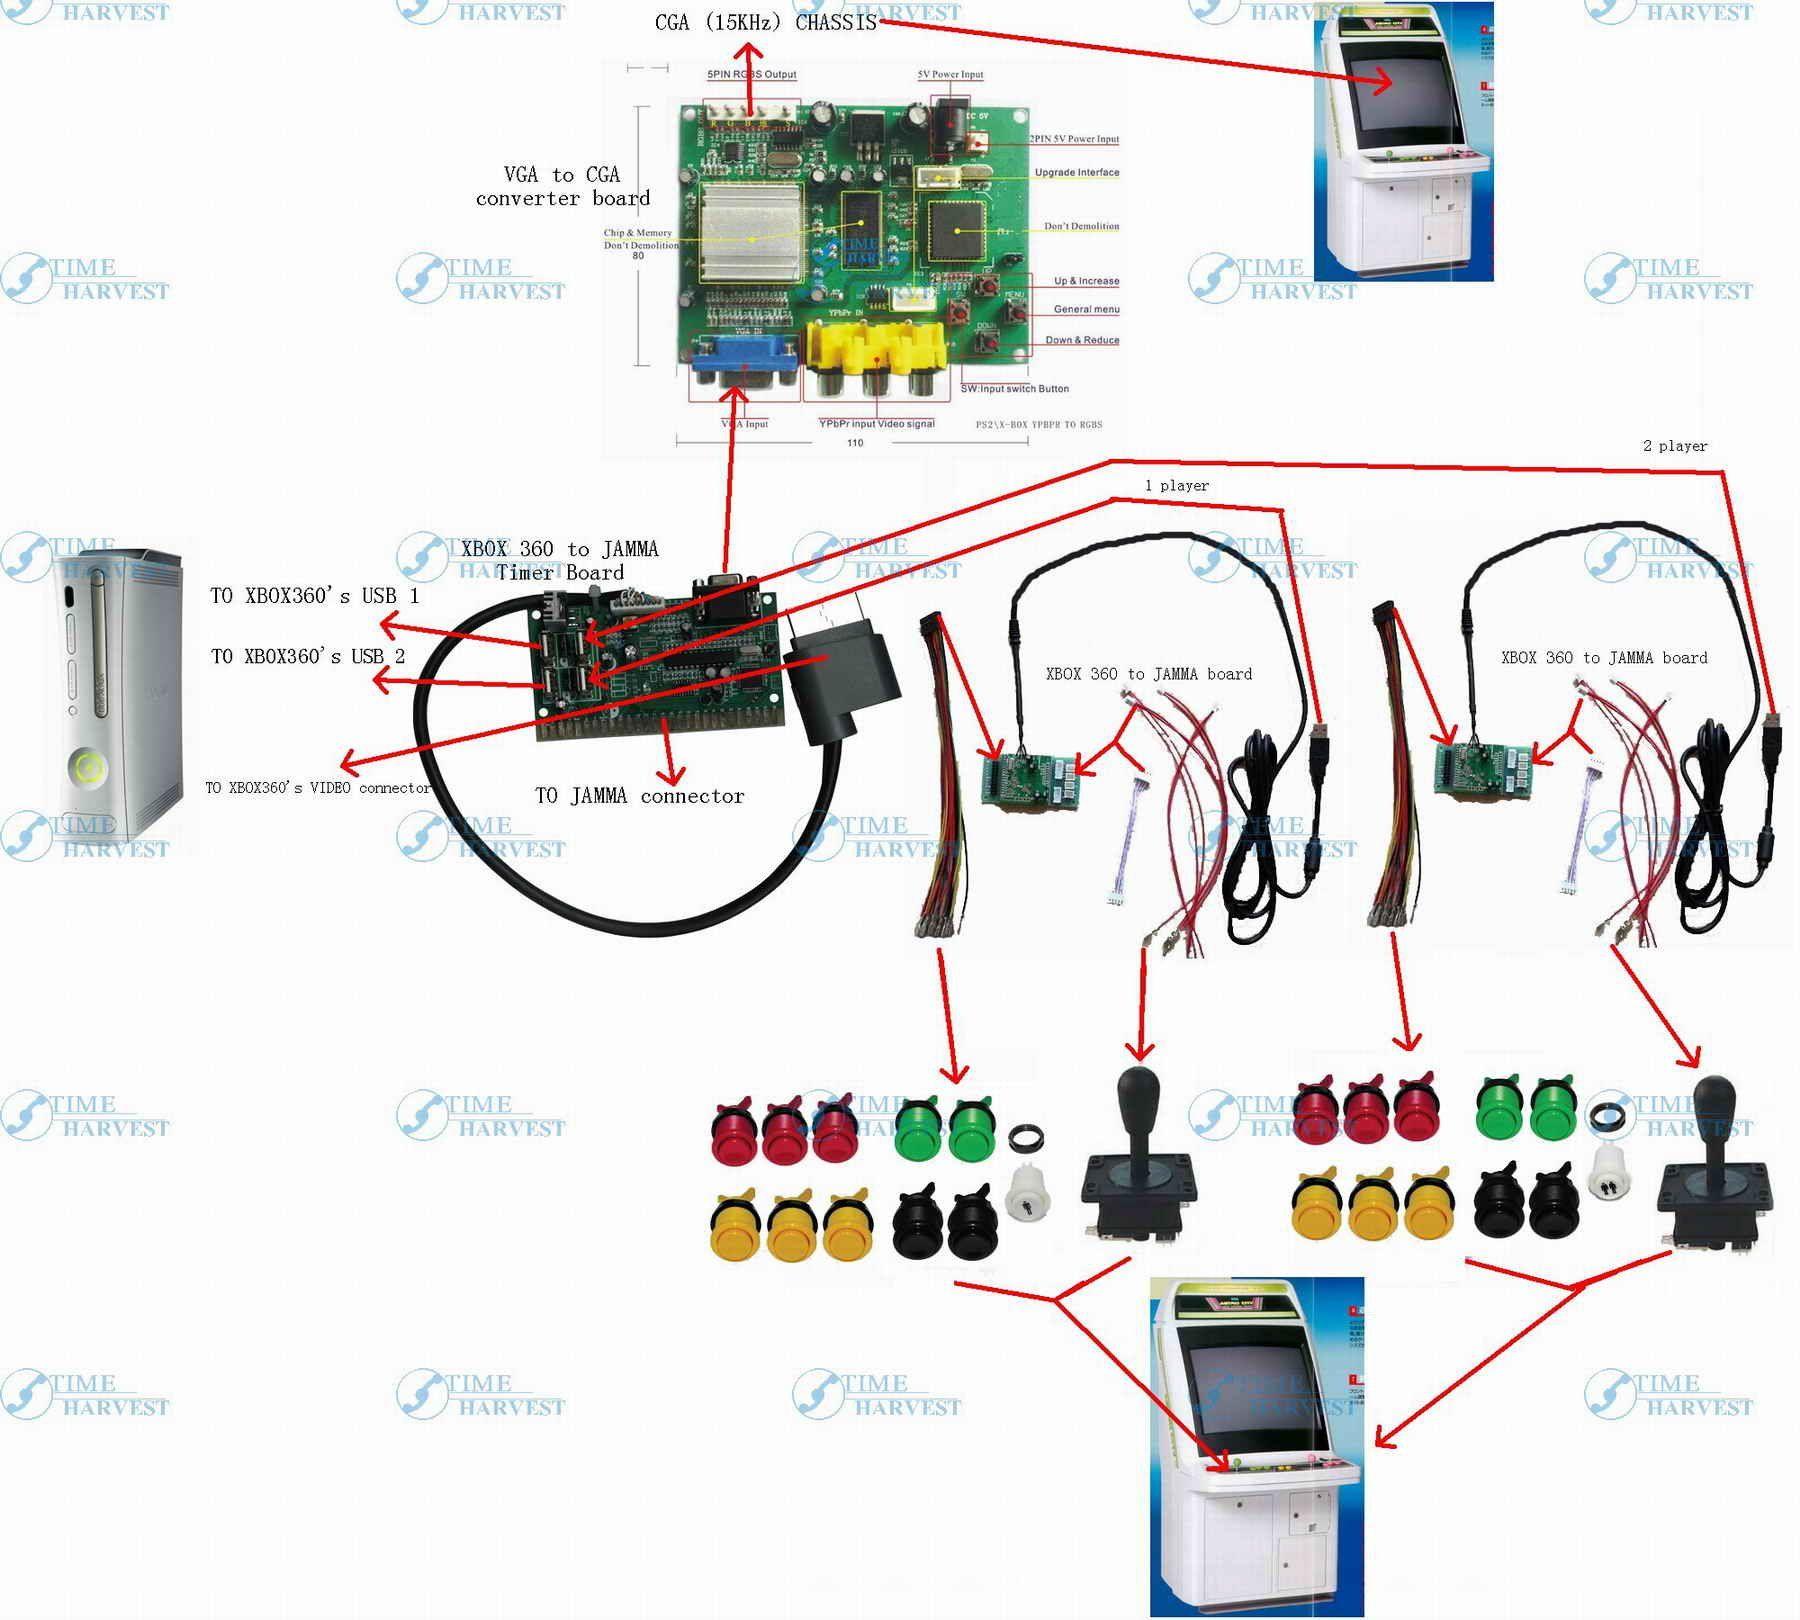 [SCHEMATICS_48ZD]  YY_0194] Wiring Diagram Arcade Games Download Diagram | Arcade Game Wiring Diagram |  | Pap Cajos Mohammedshrine Librar Wiring 101